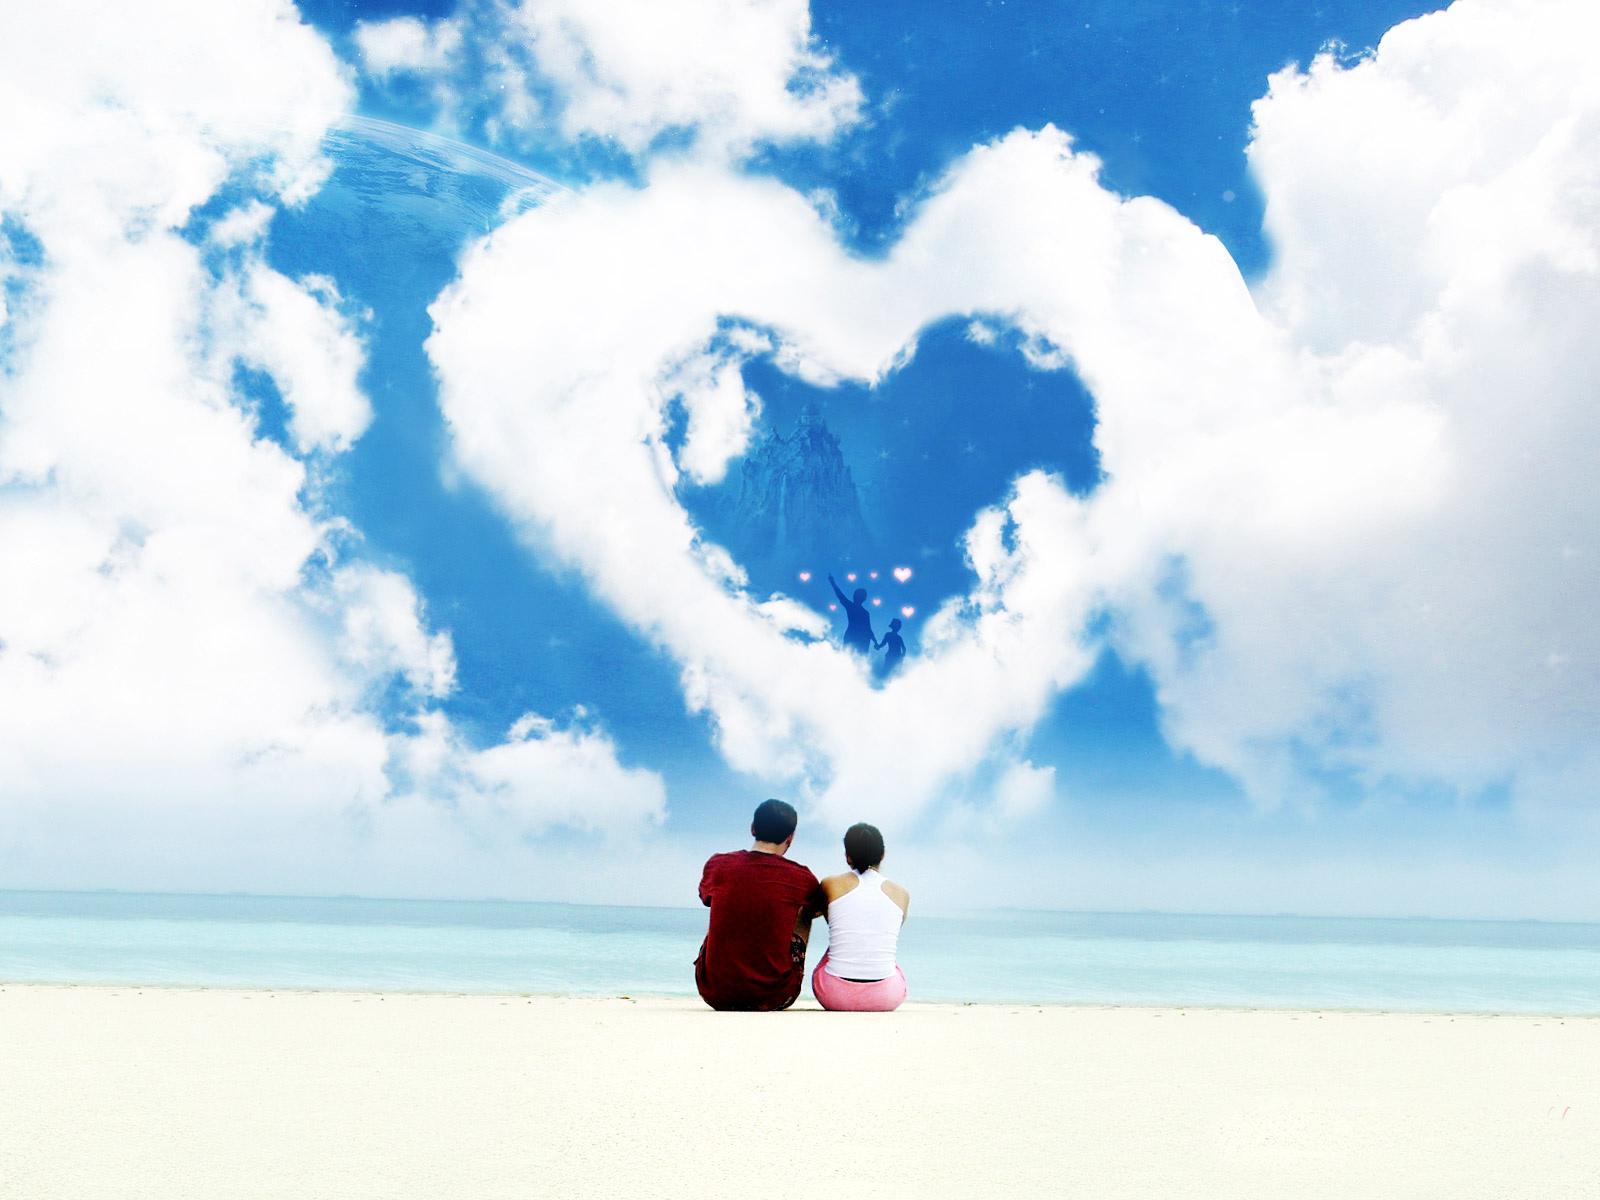 Gambar - Gambar Lucu Romantis